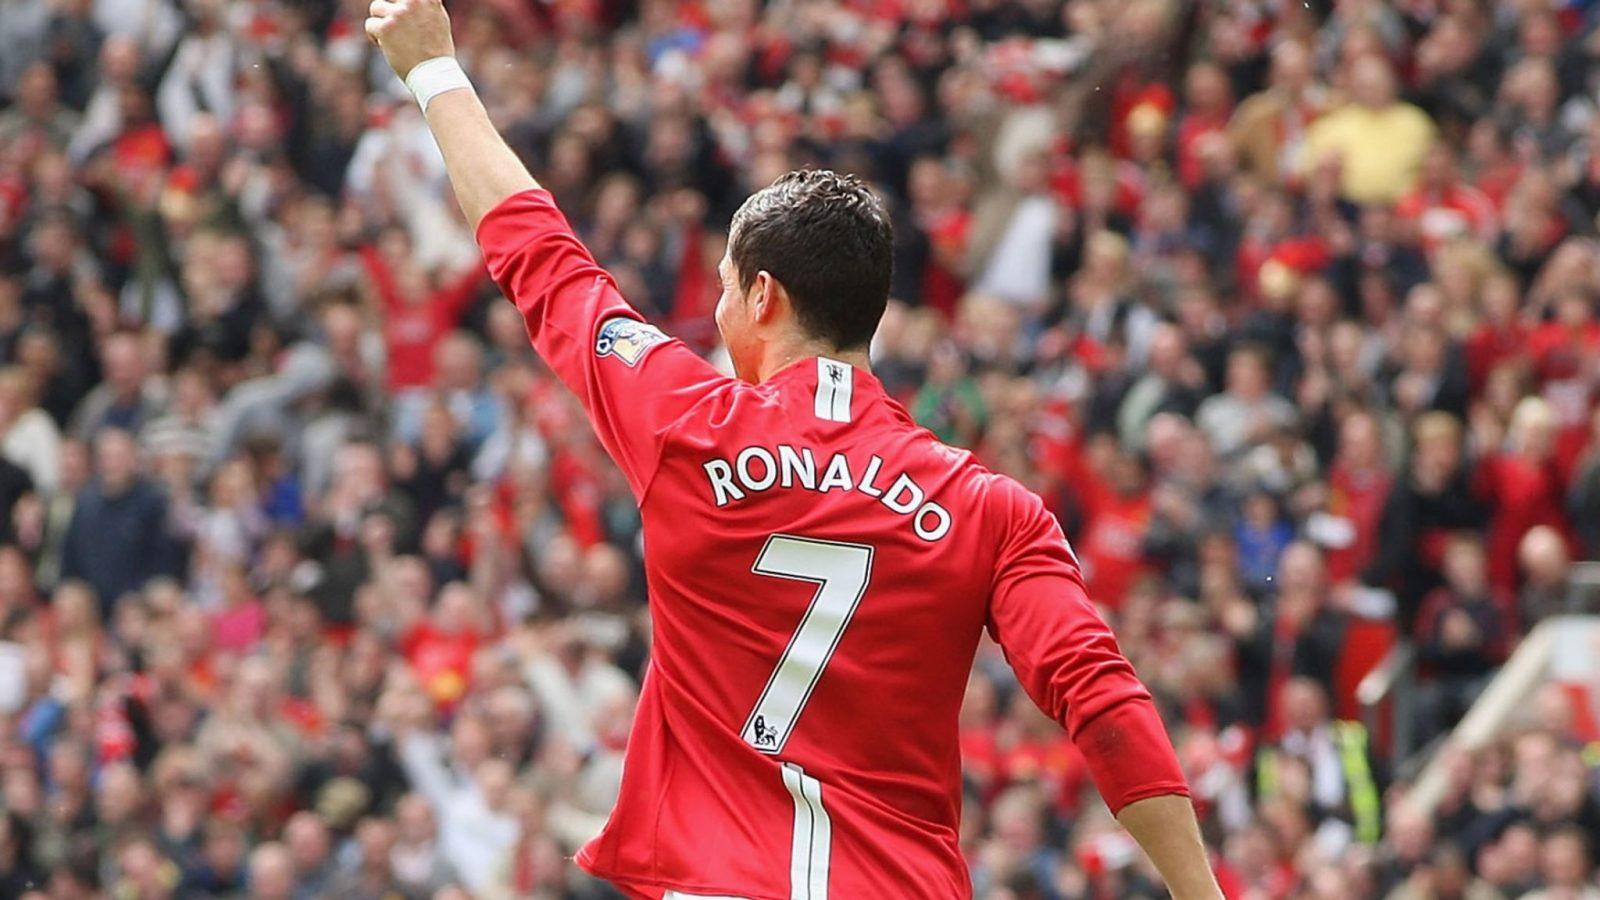 Cristiano Ronaldo Debut: His Key stats at Manchester United